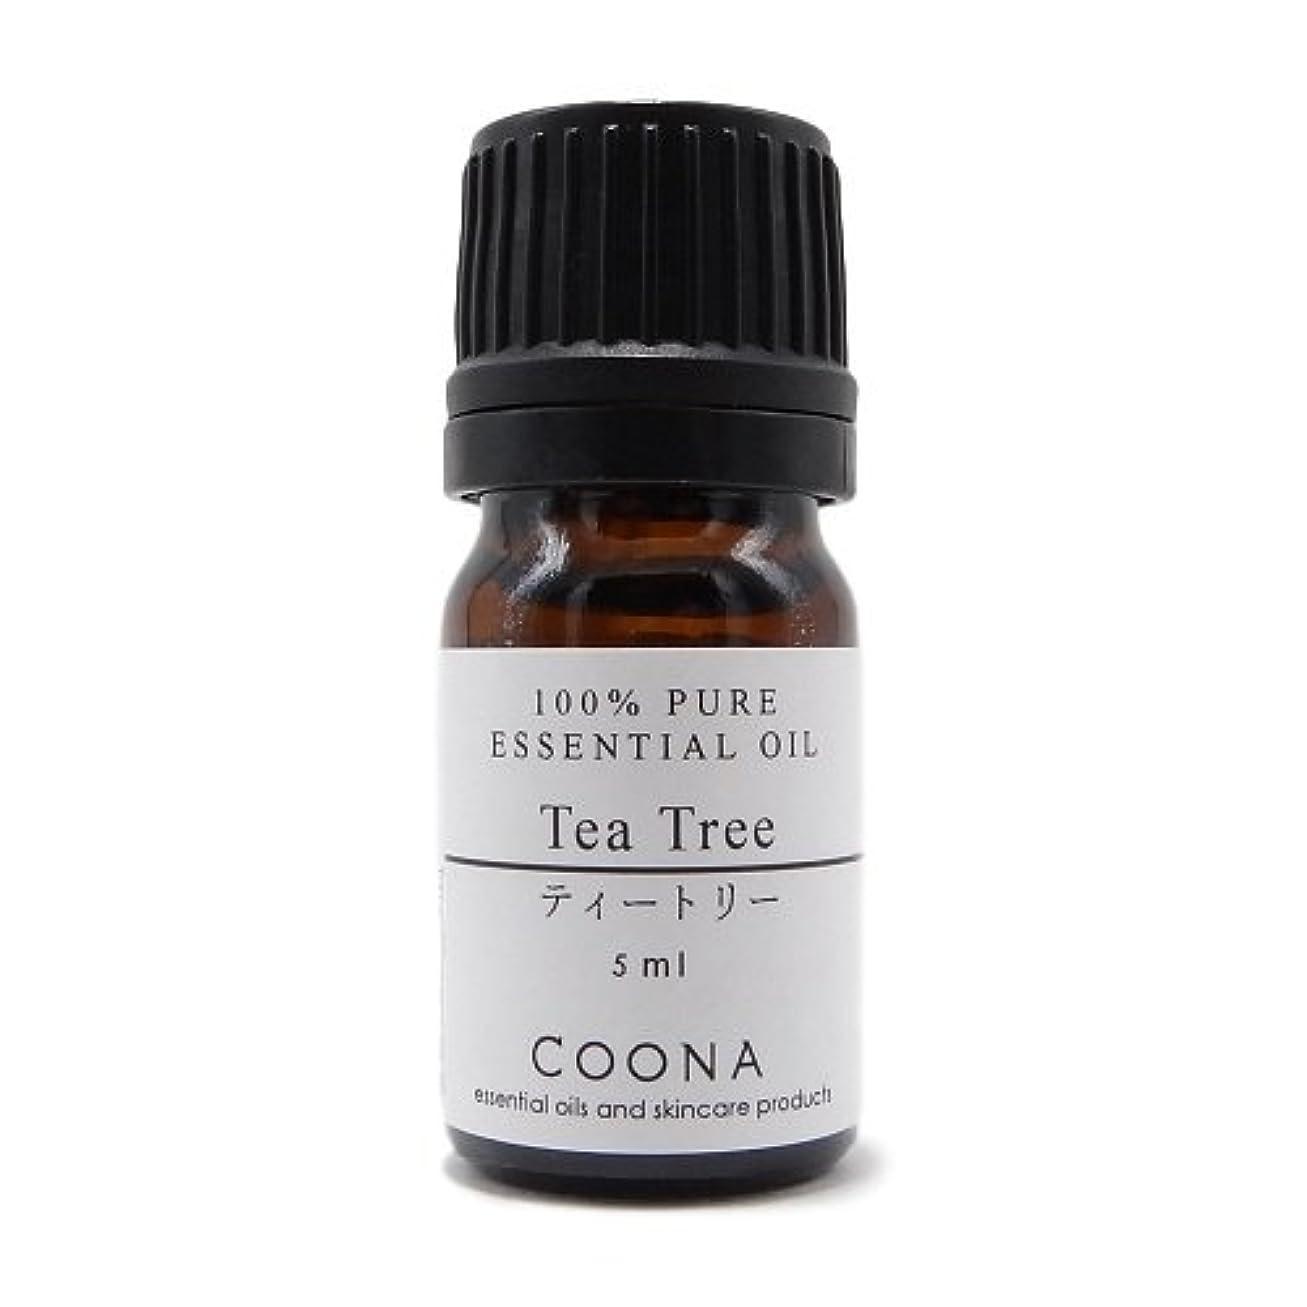 複製吸収ロック解除ティートリー 5 ml (COONA エッセンシャルオイル アロマオイル 100%天然植物精油)